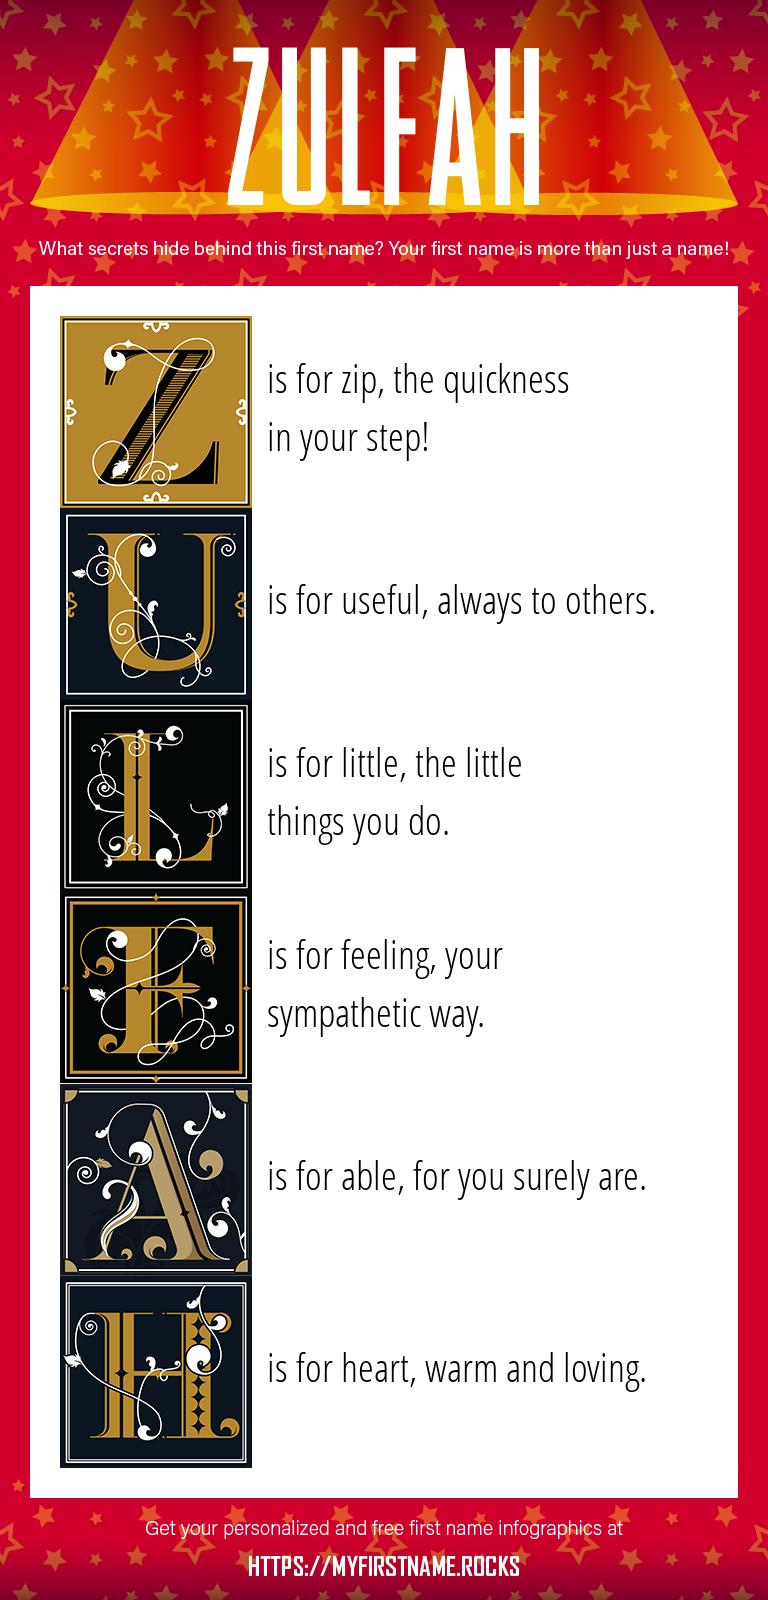 Zulfah Infographics